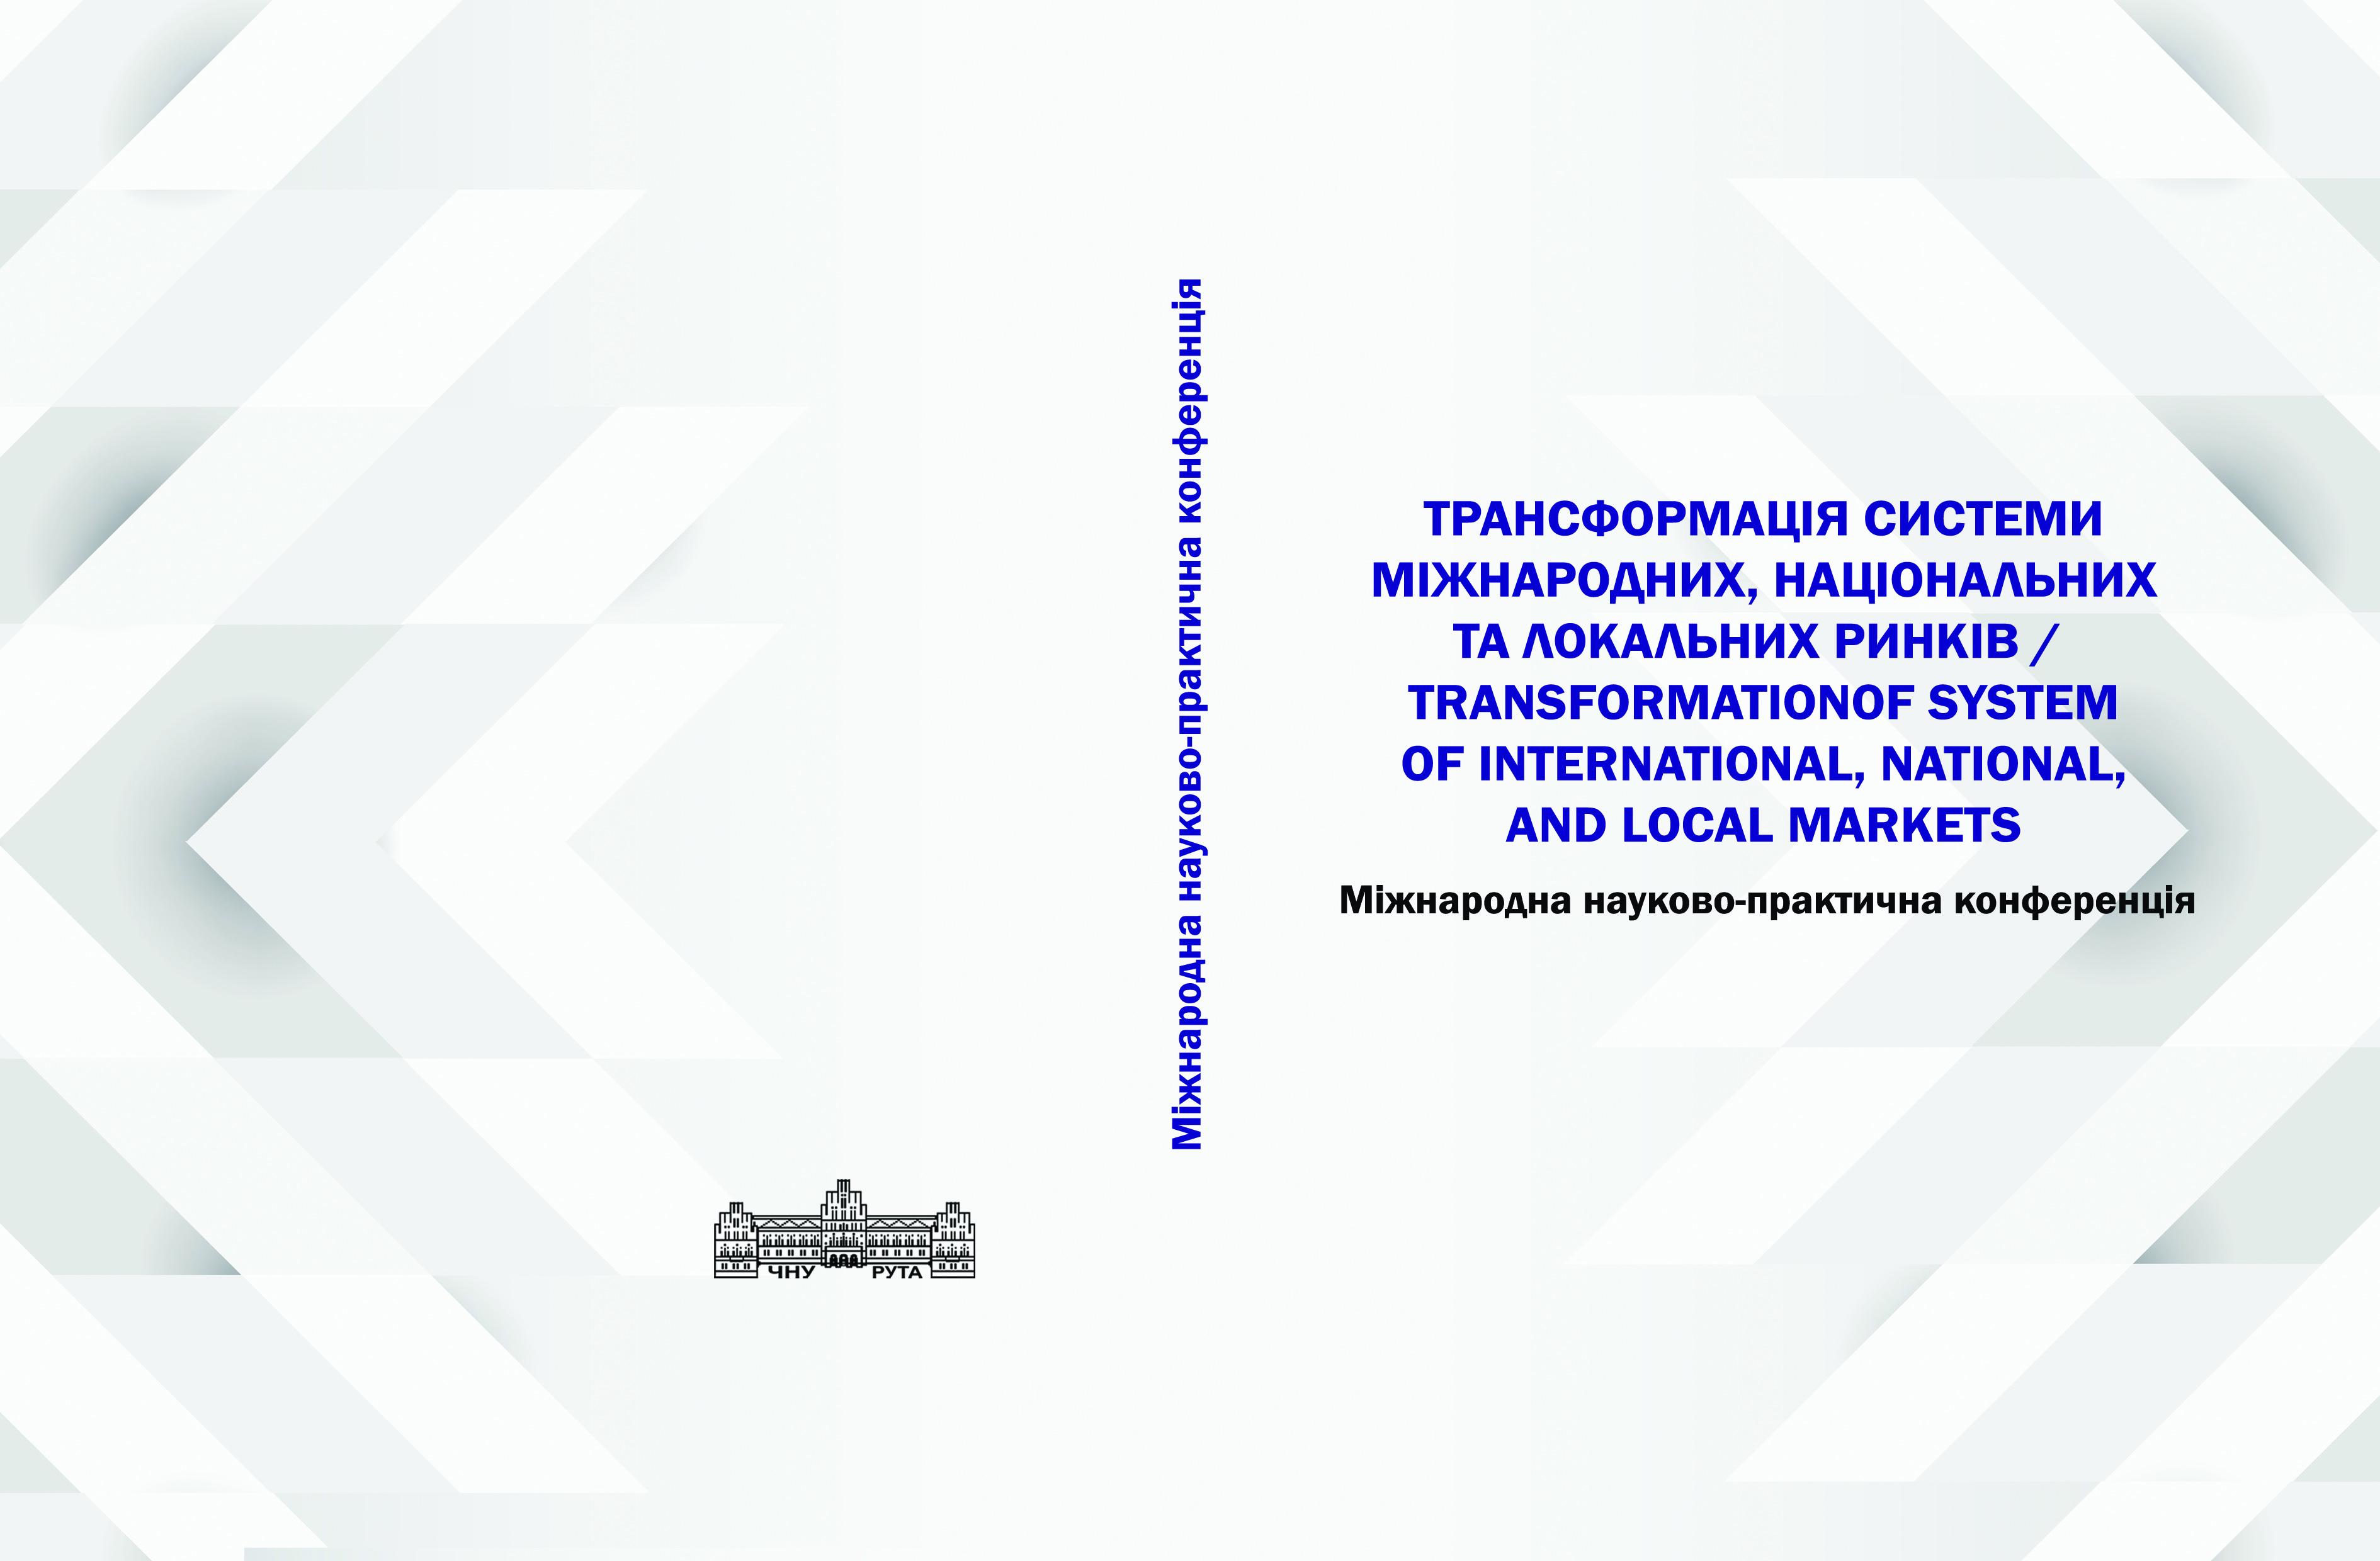 Міжнародна науково-практична конференція1